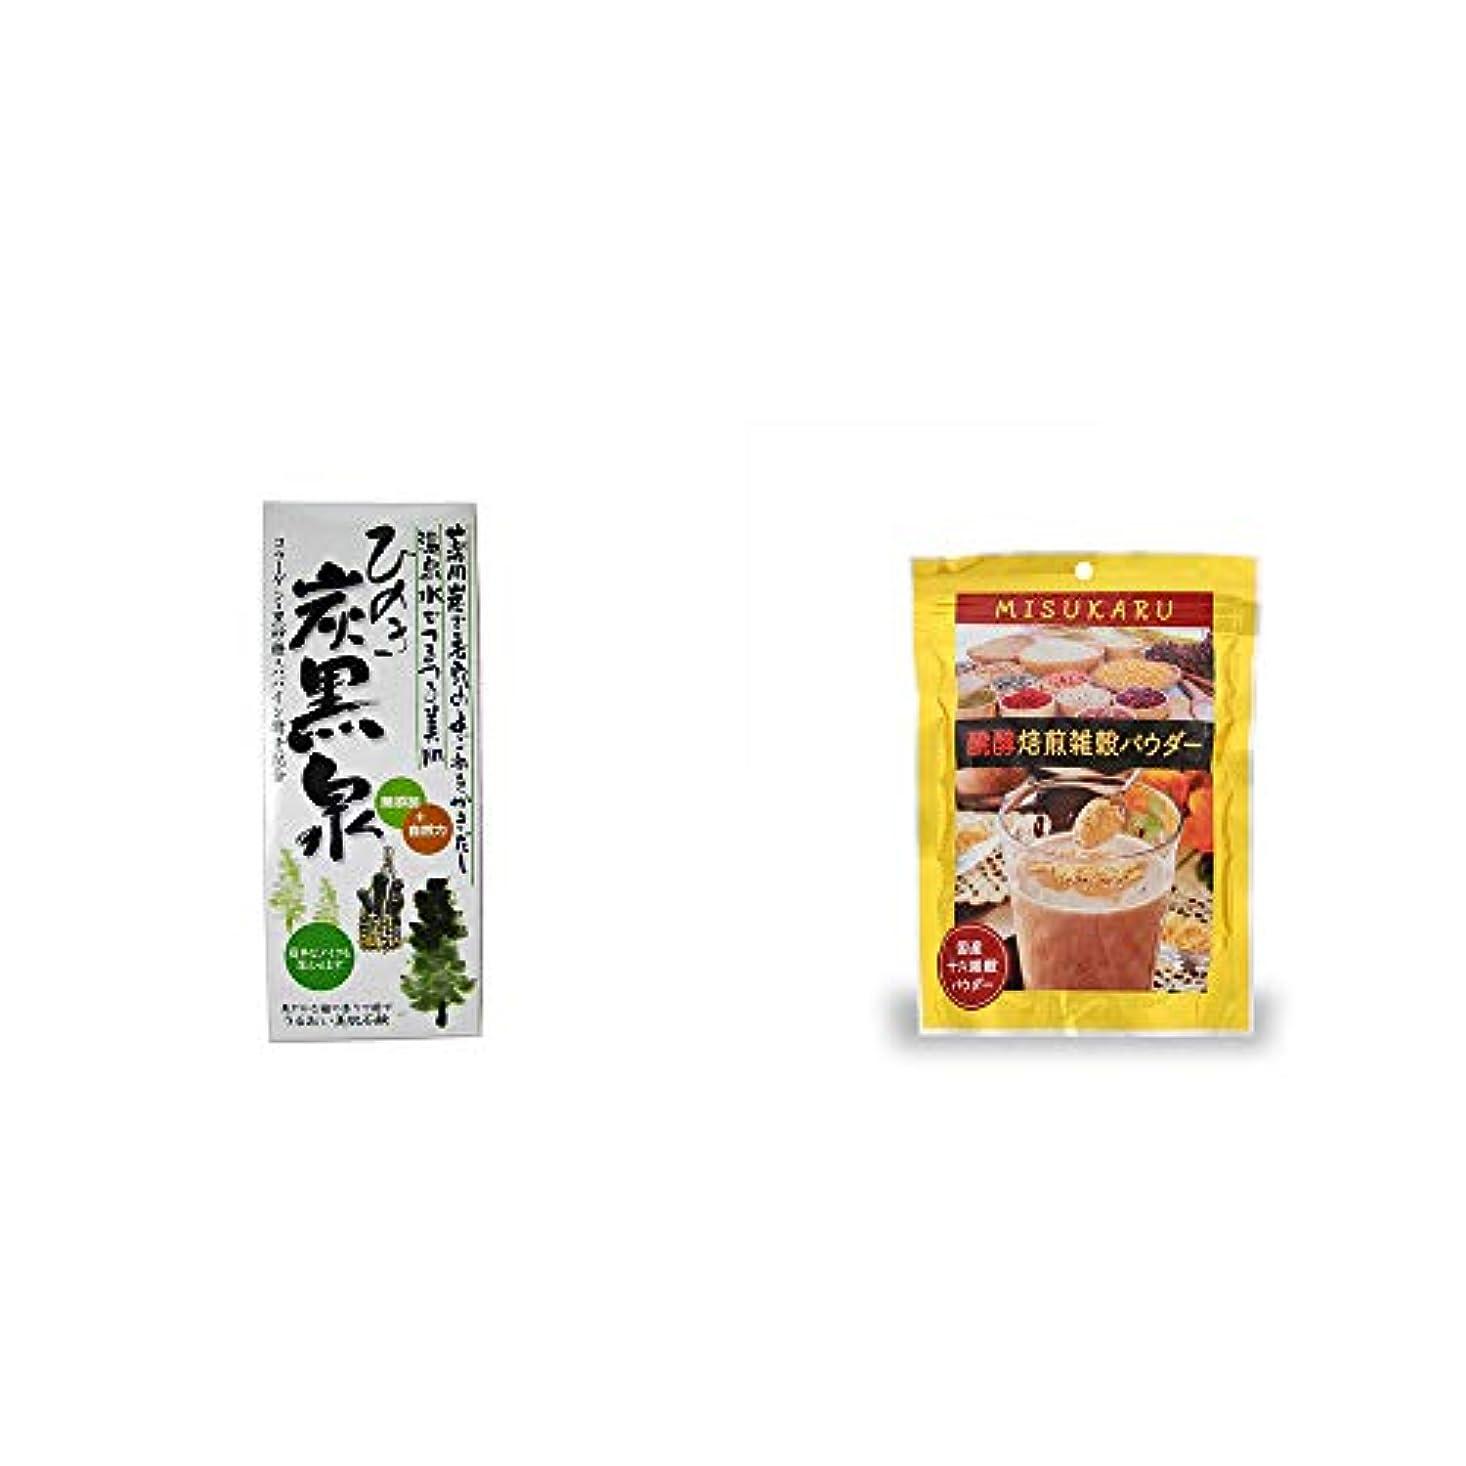 ボット単語自宅で[2点セット] ひのき炭黒泉 箱入り(75g×3)?醗酵焙煎雑穀パウダー MISUKARU(ミスカル)(200g)